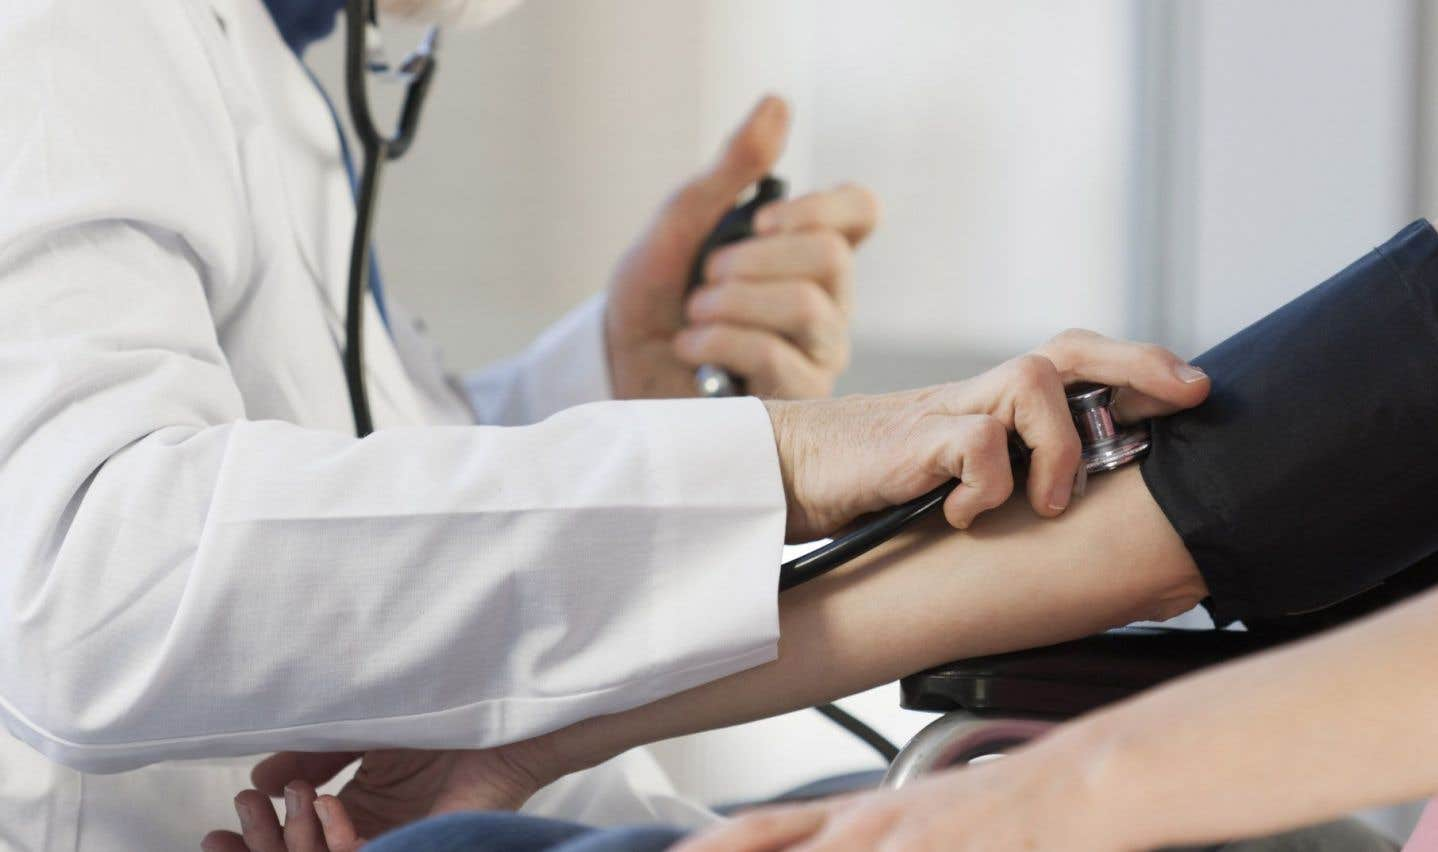 Le rapport fait des constats accablants sur l'état de notre système de santé. Ainsi, le Québec est la dernière parmi les provinces canadiennes en matière d'accès à un médecin de famille. Seulement les deux tiers de la population en possèdent un.